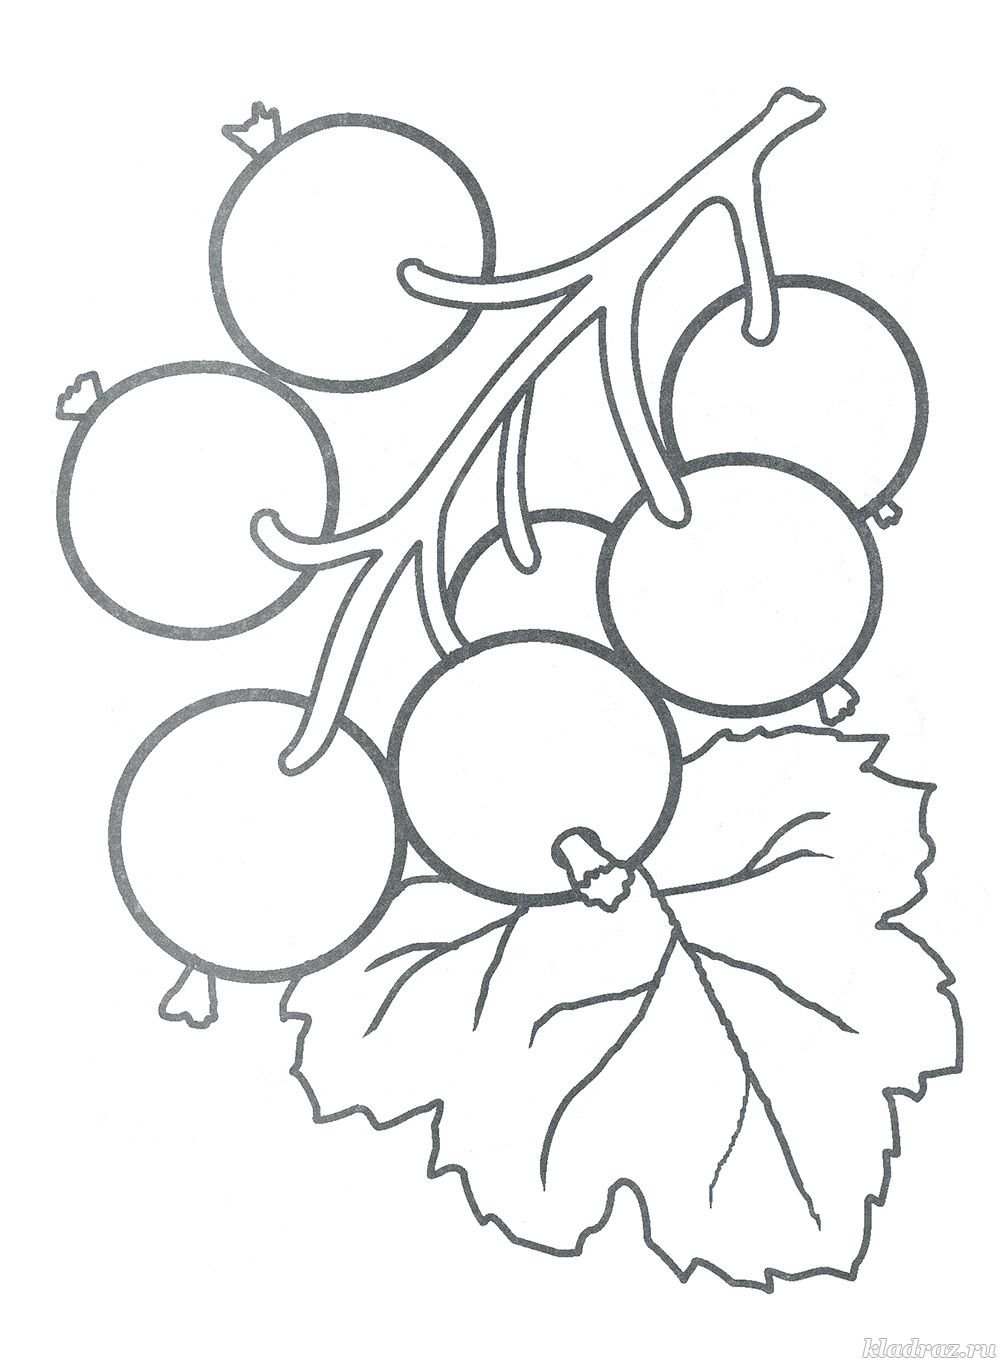 Раскраски «Ягоды» для детей 3-4 лет распечатать бесплатно